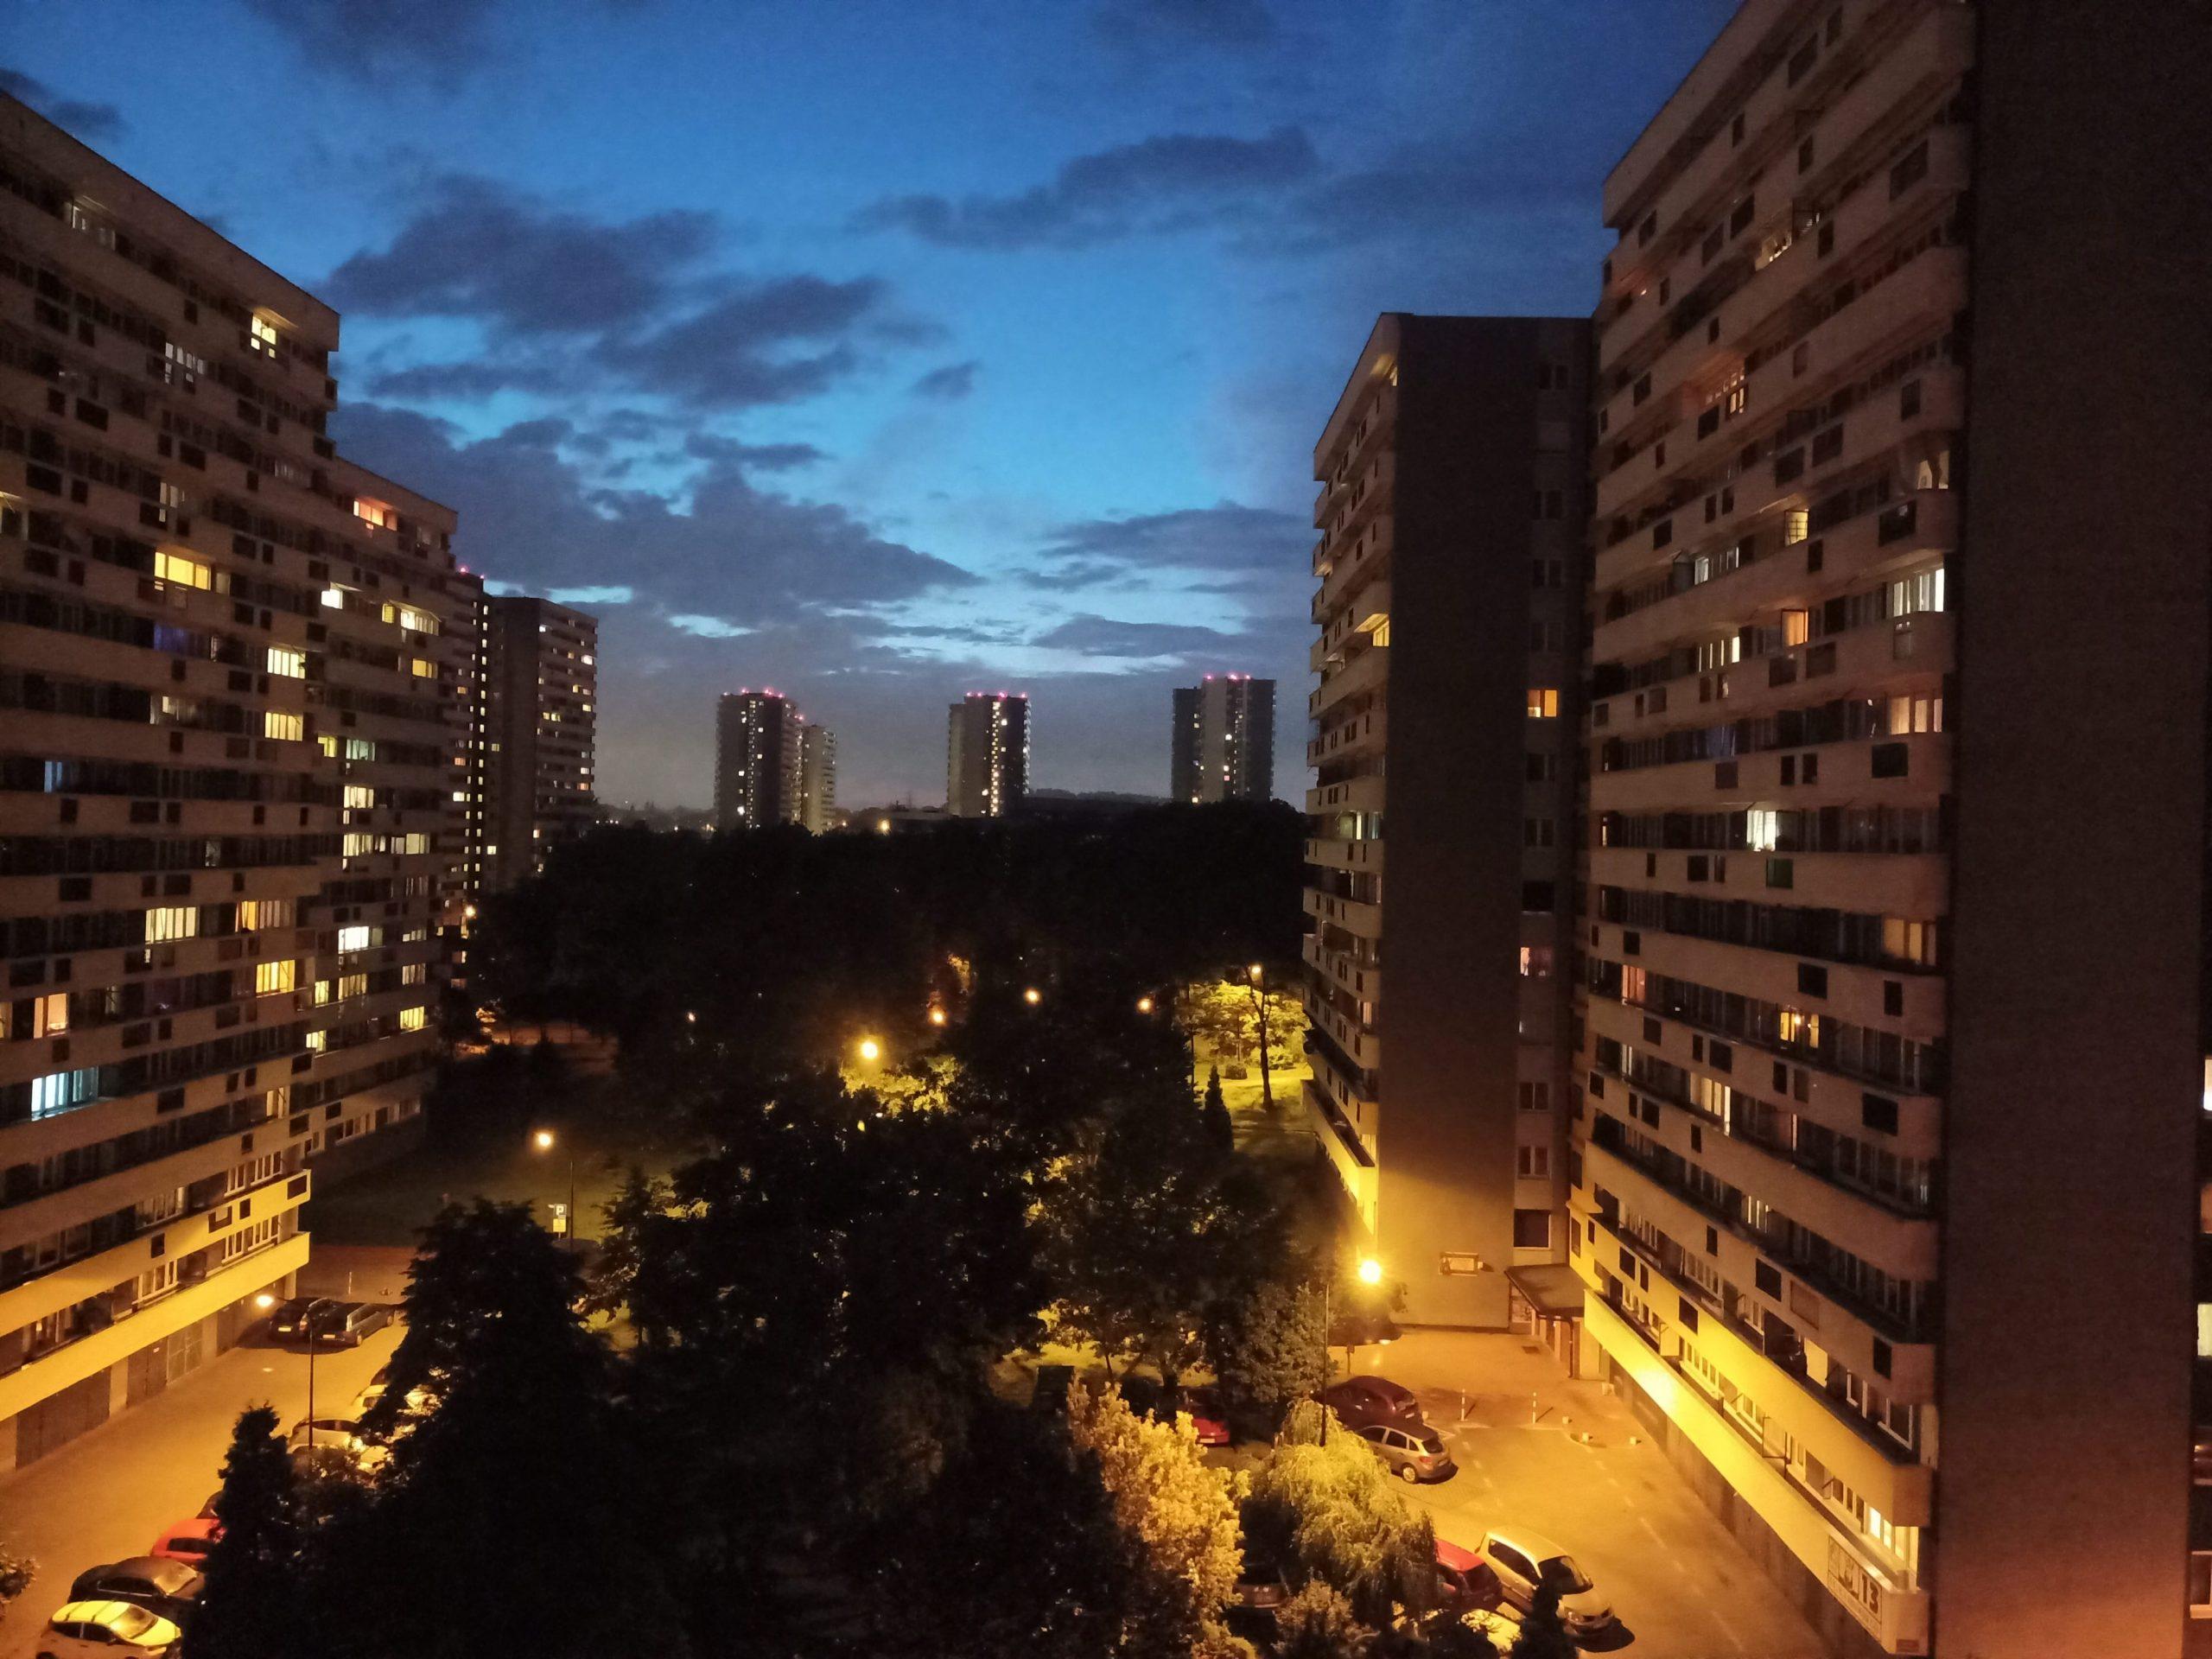 Zdjęcia nocne - realme 6s